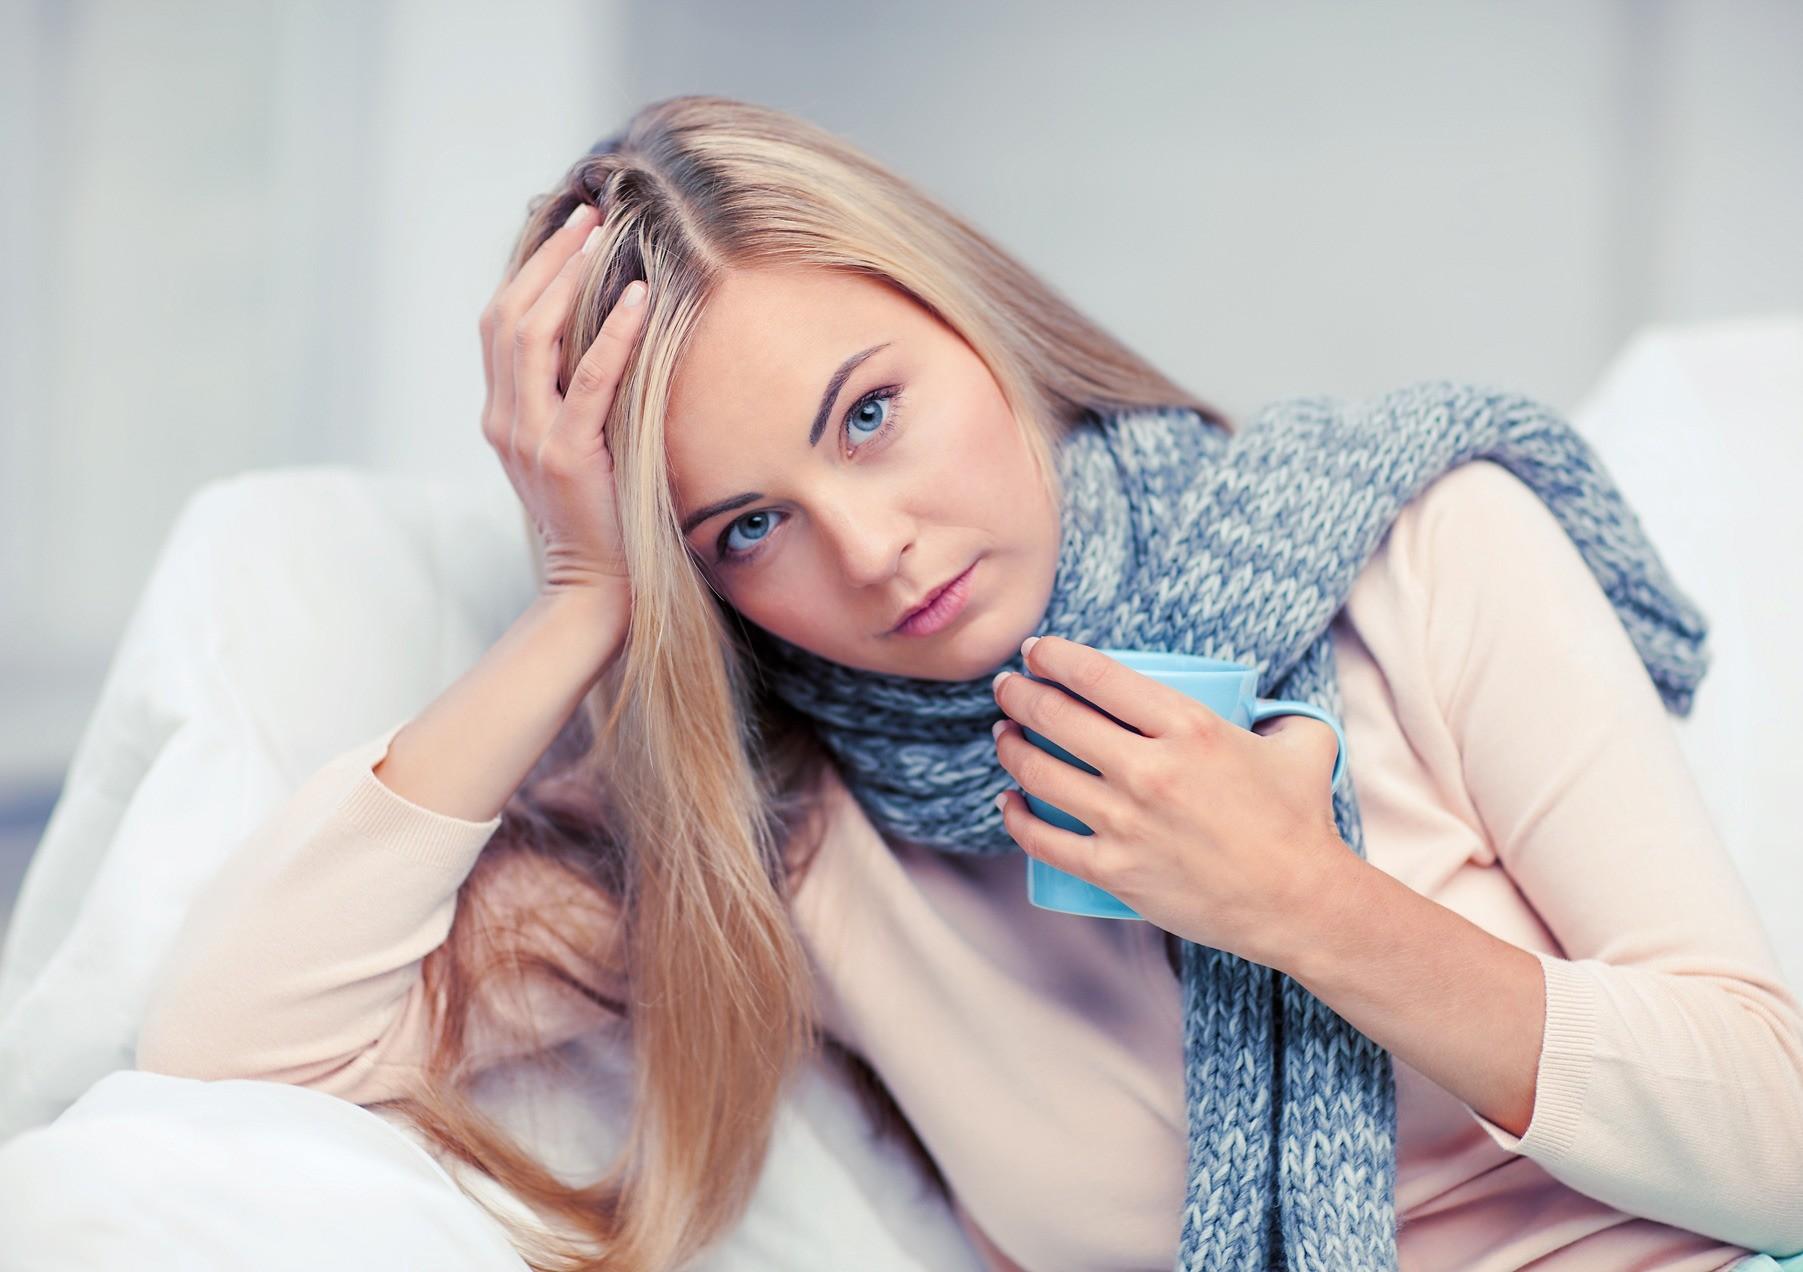 Как избежать неприятностей в сезон простуд: советы астрологов каждому знаку Зодиака